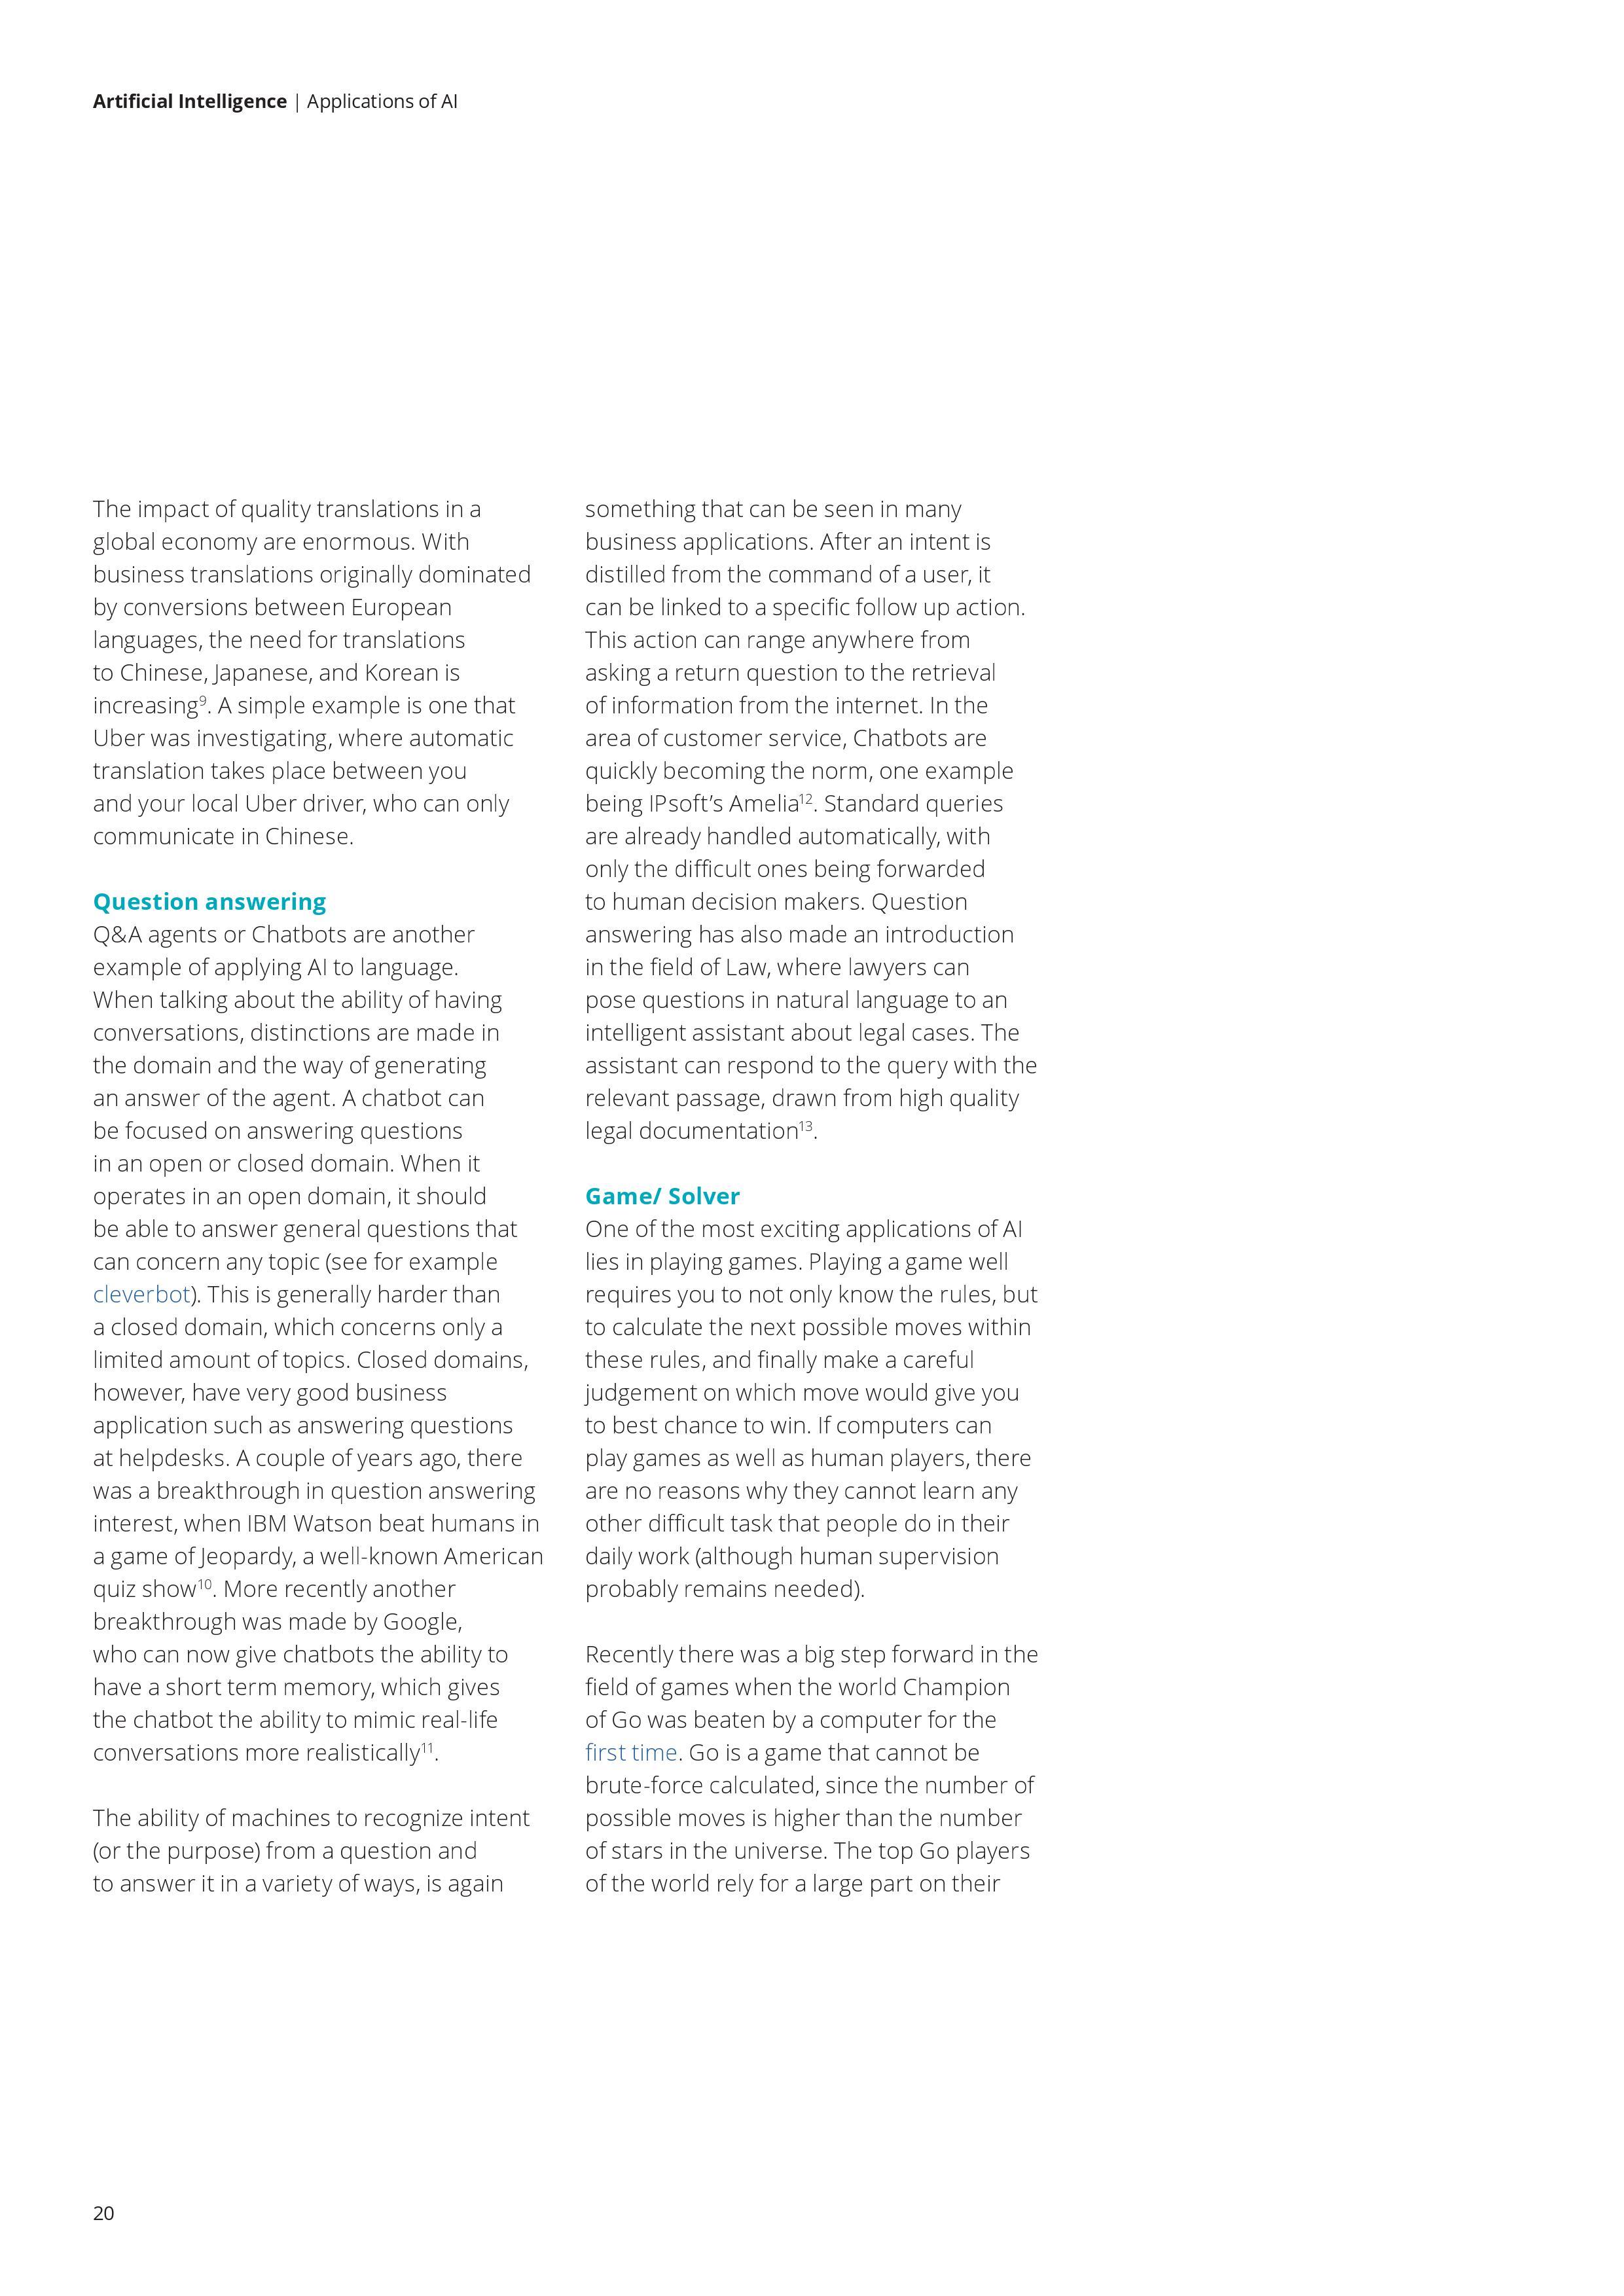 Deloitte AI Whitepaper